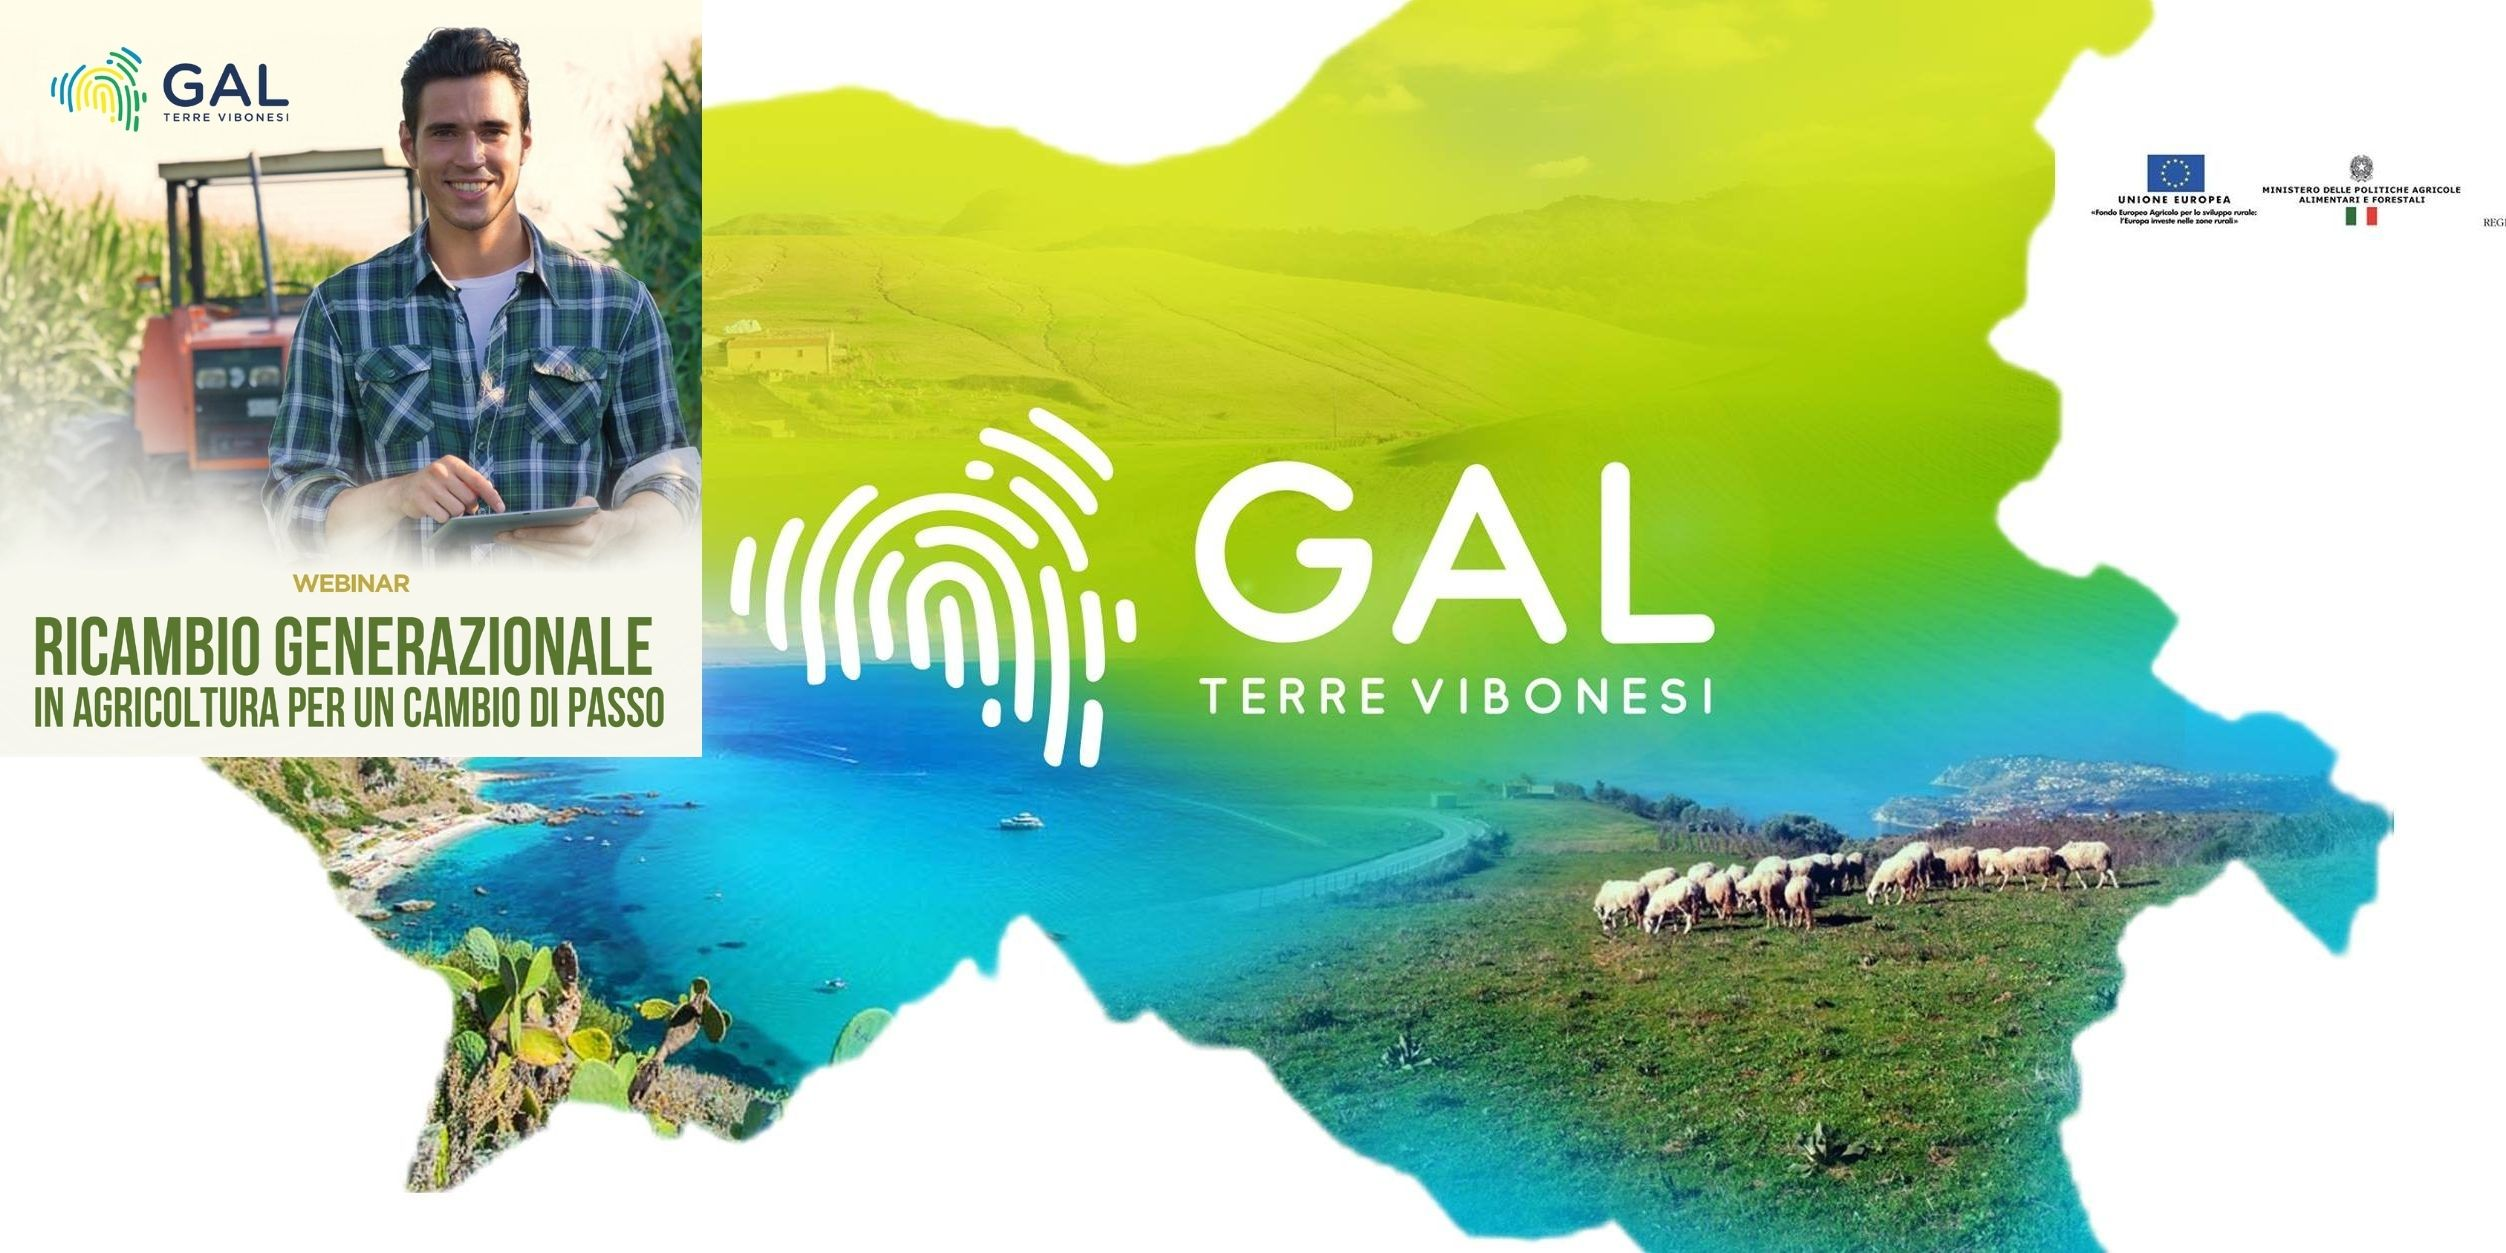 Gal Terre Vibonesi: innovazione imprenditoria agricola, il primo webinar in collaborazione con l'Università di Reggio